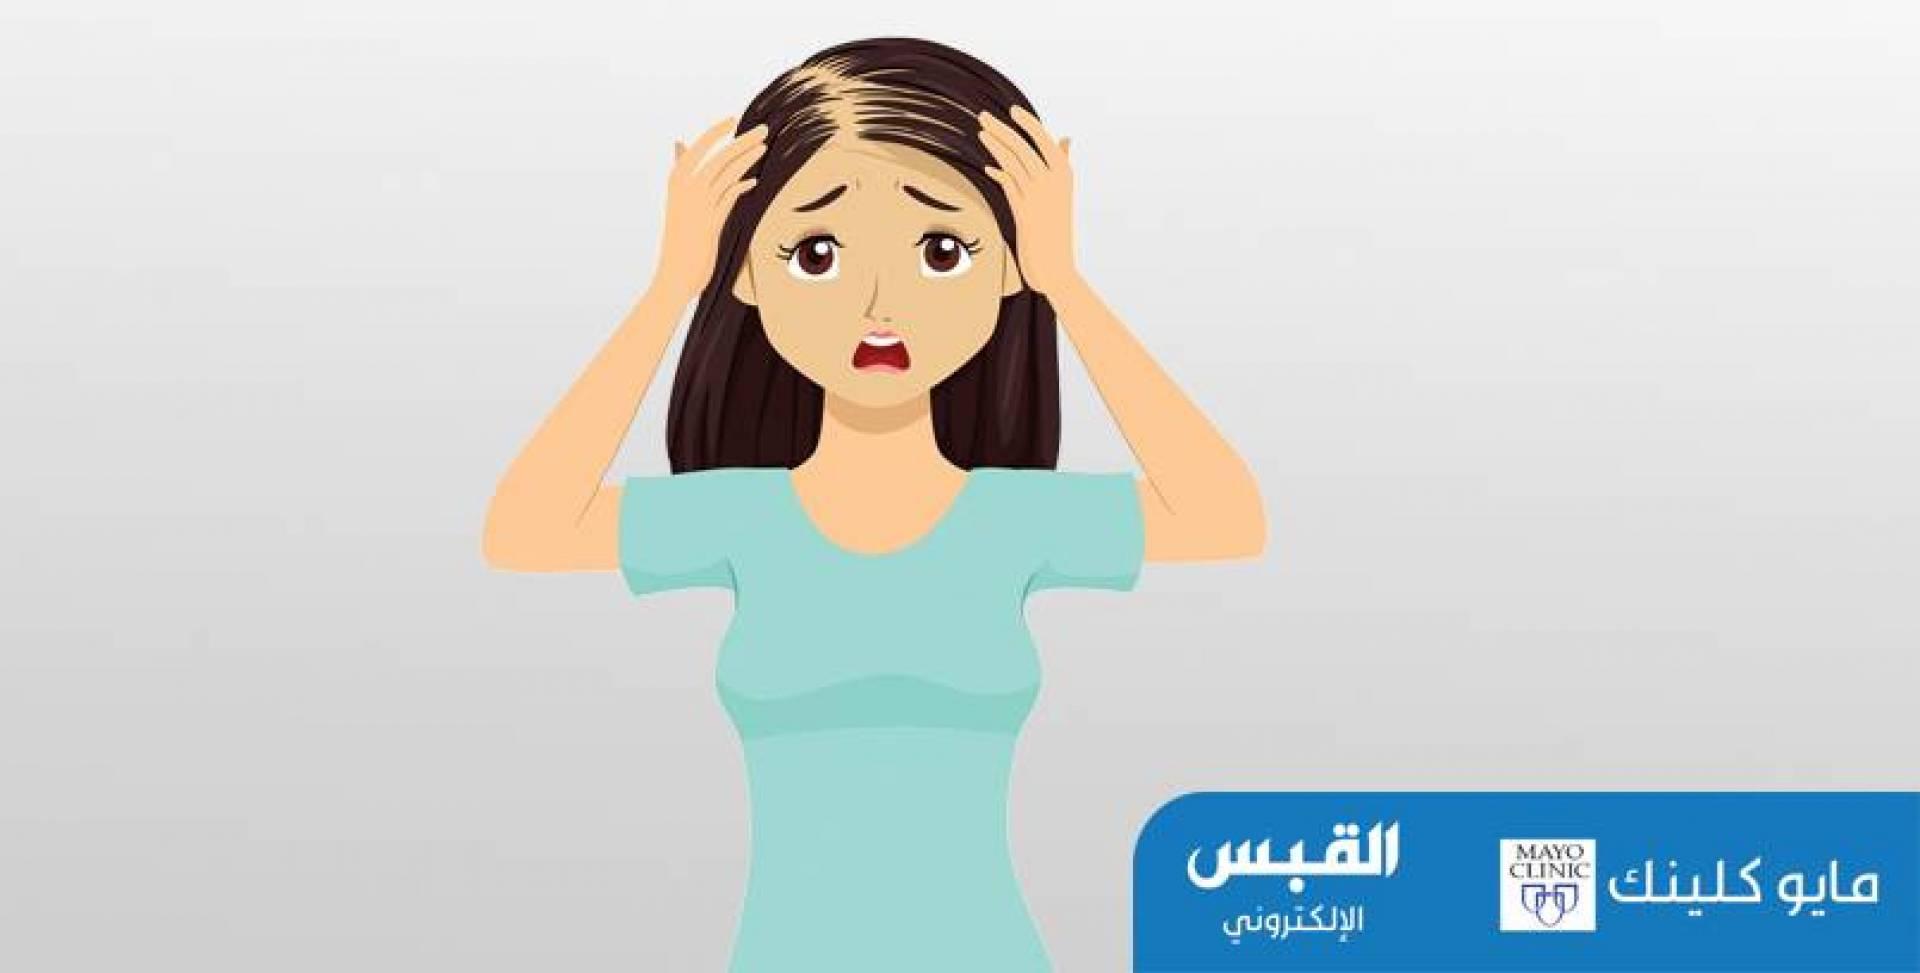 هل يسبب الضغط النفسي سقوط الشعر؟